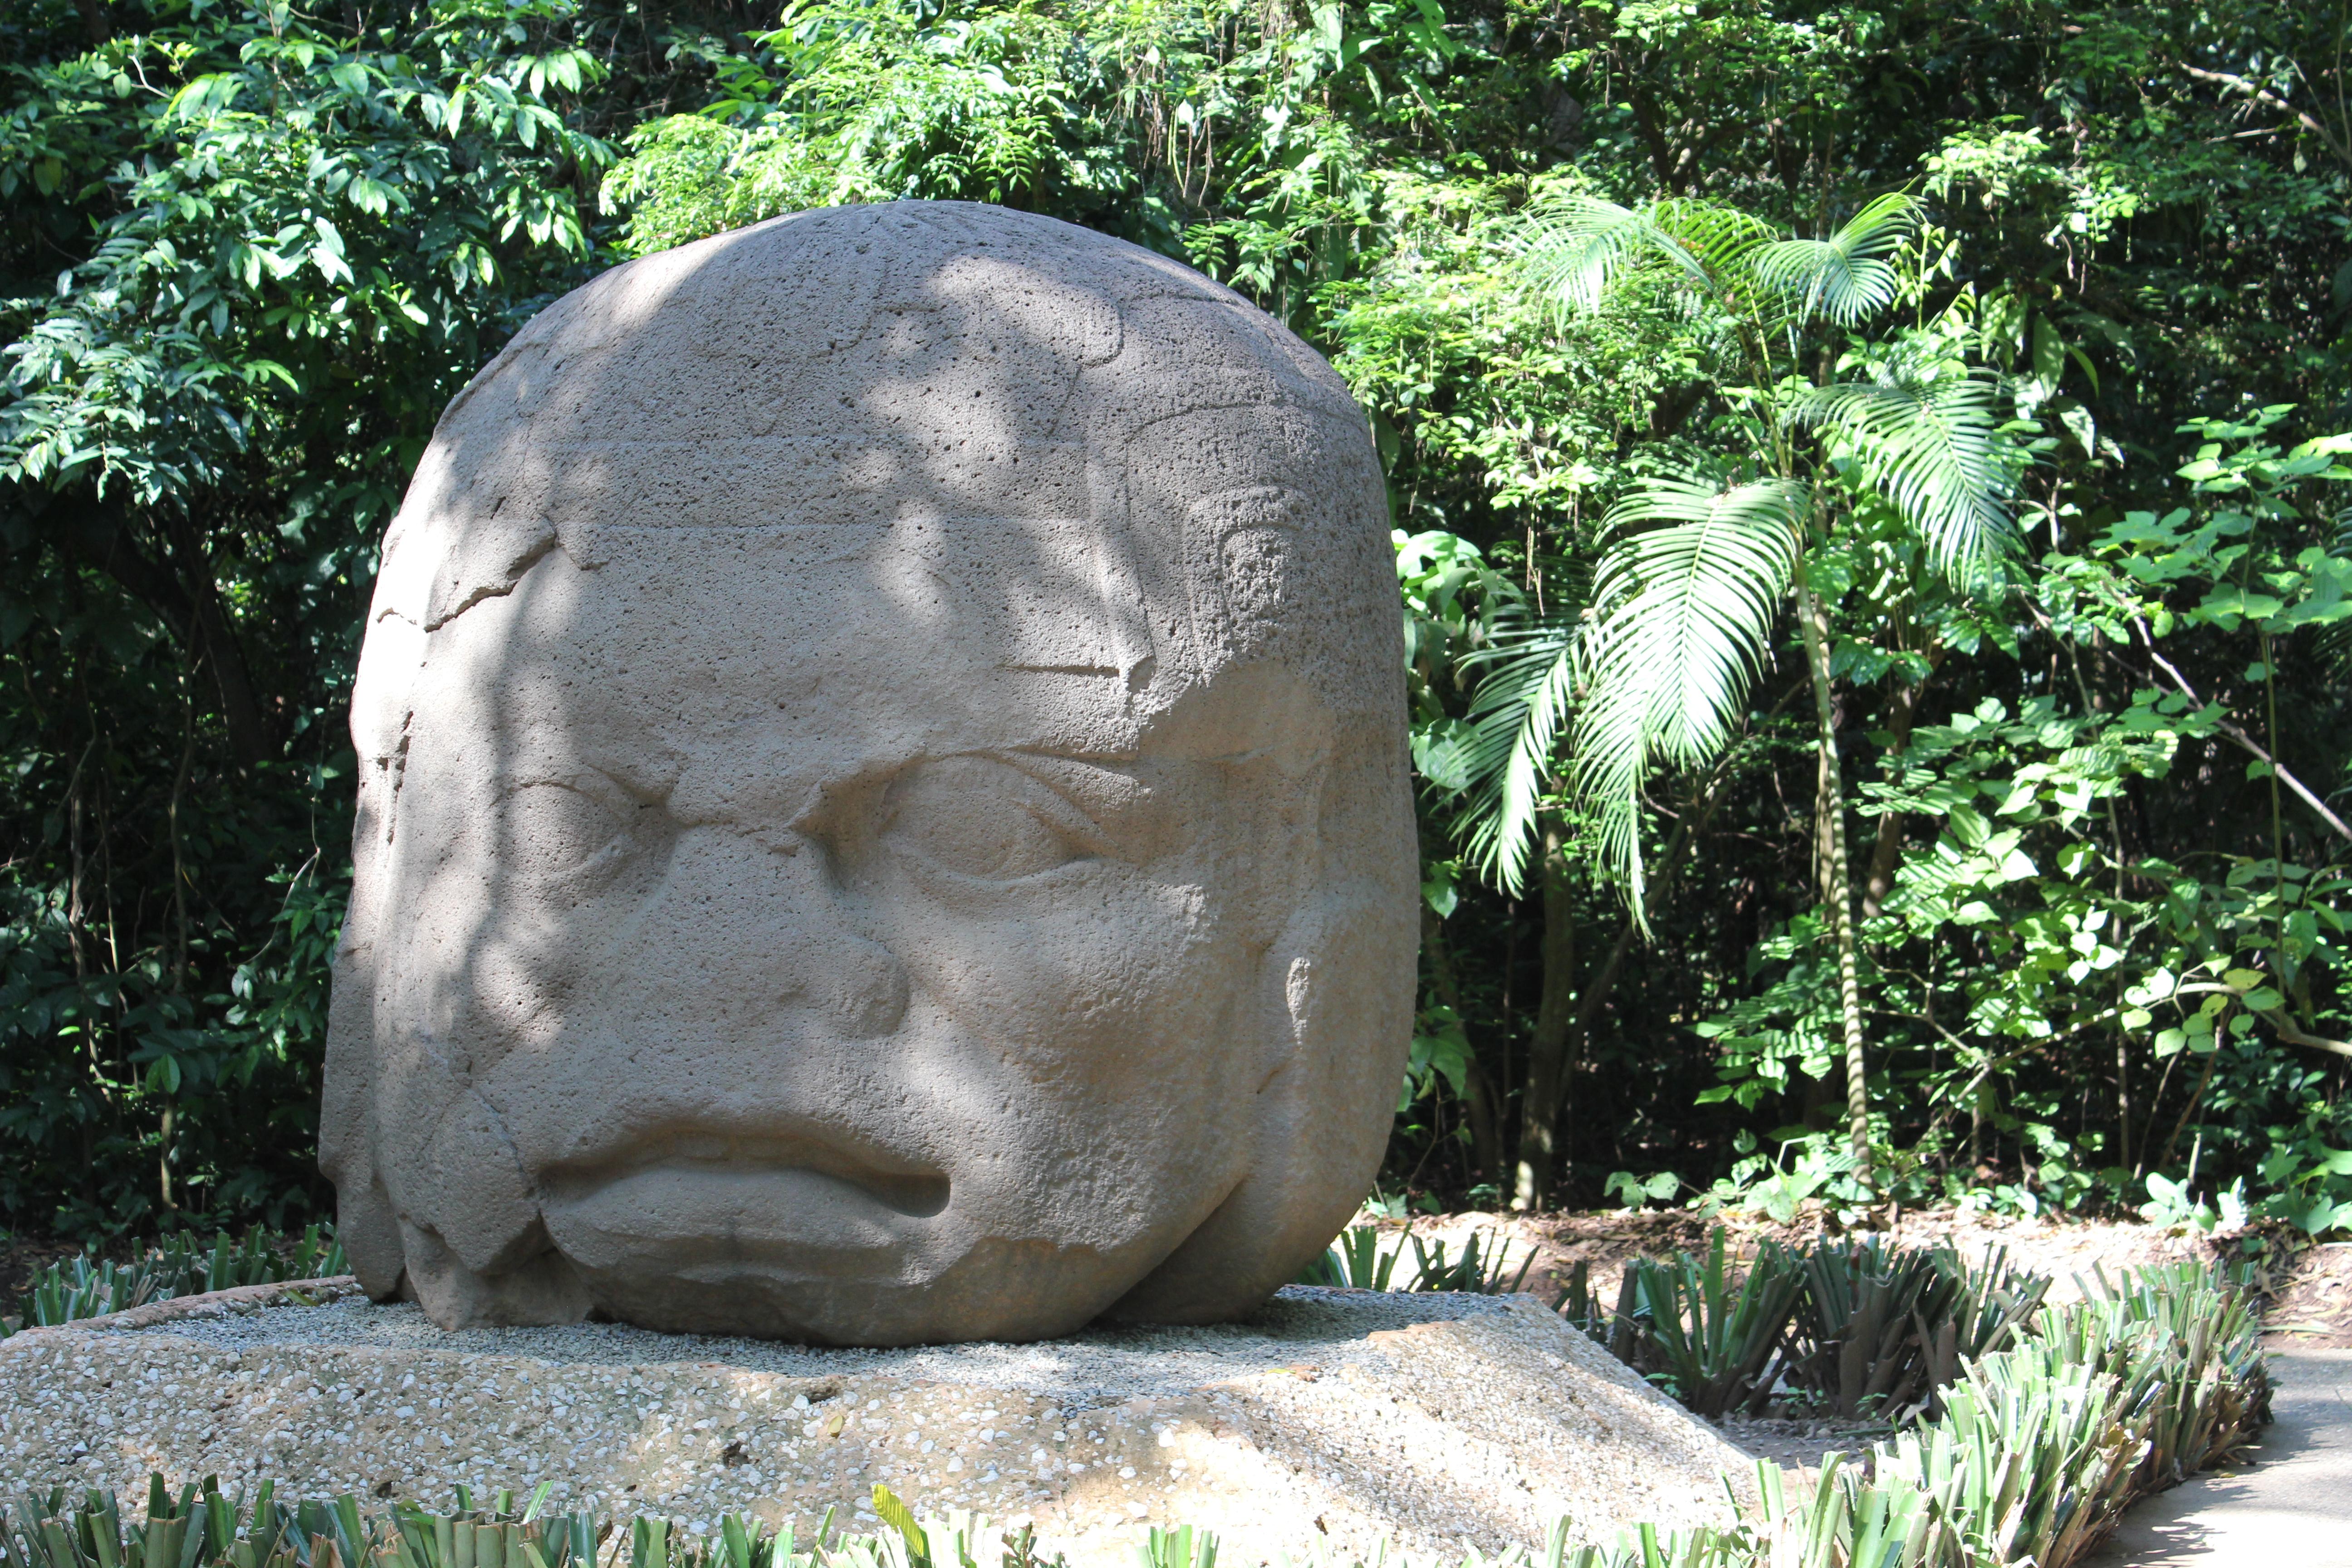 Foto De Parque Museo La Venta Villahermosa: File:Villahermosa, Parque-Museo La Venta, The Old Warrior